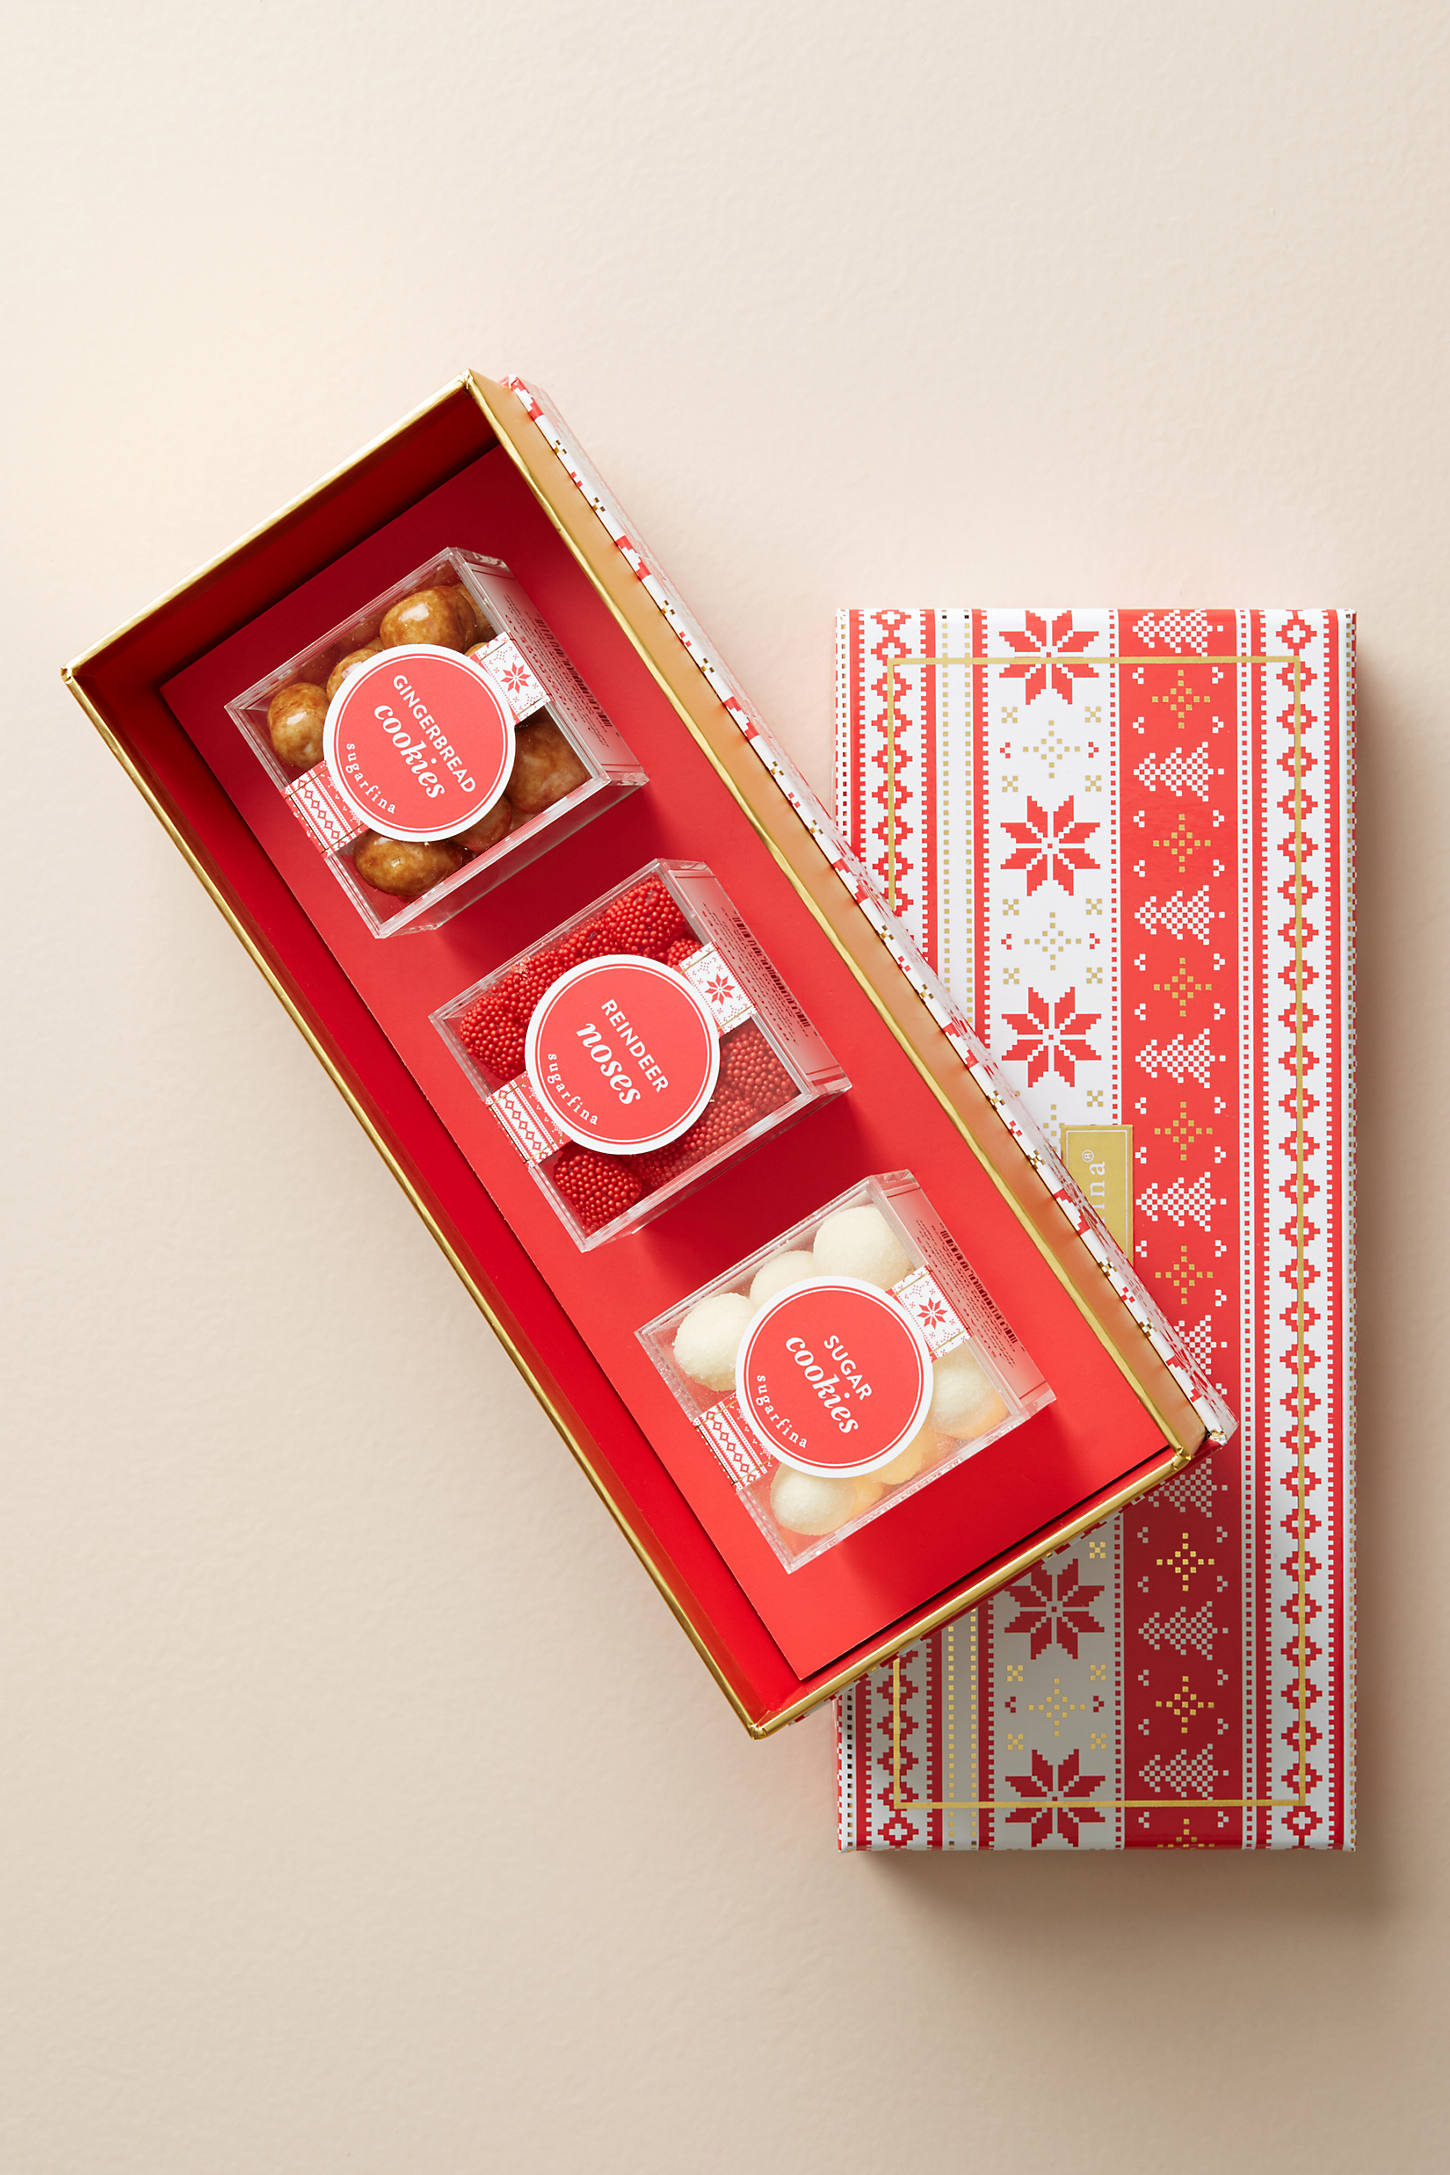 Sugarfina Bento Box